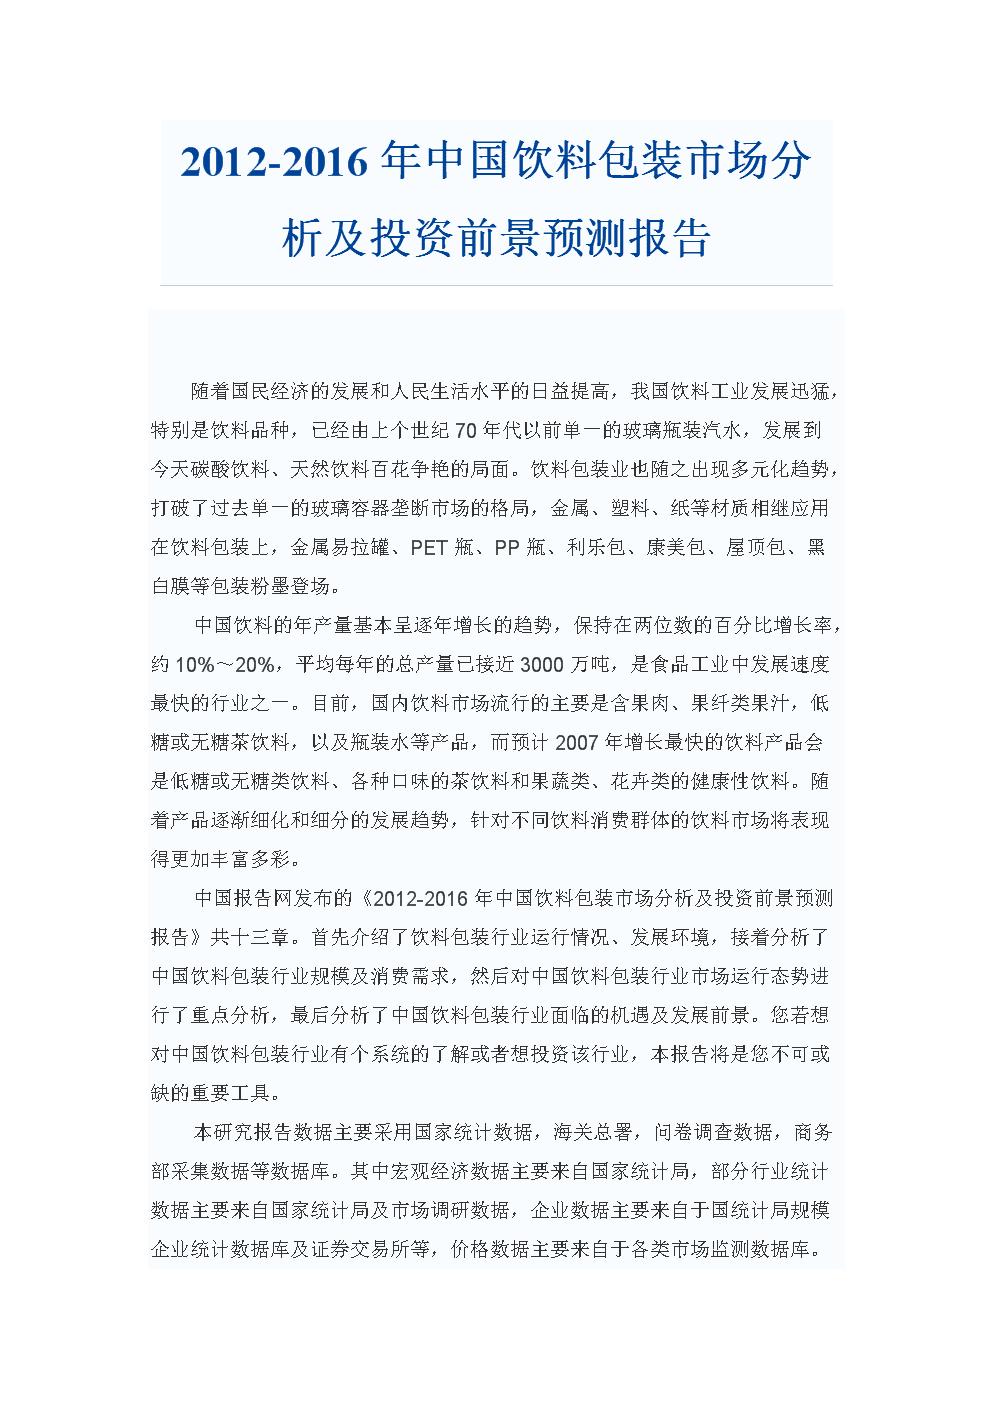 -中国饮料包装市场及投资前景预测报告.doc